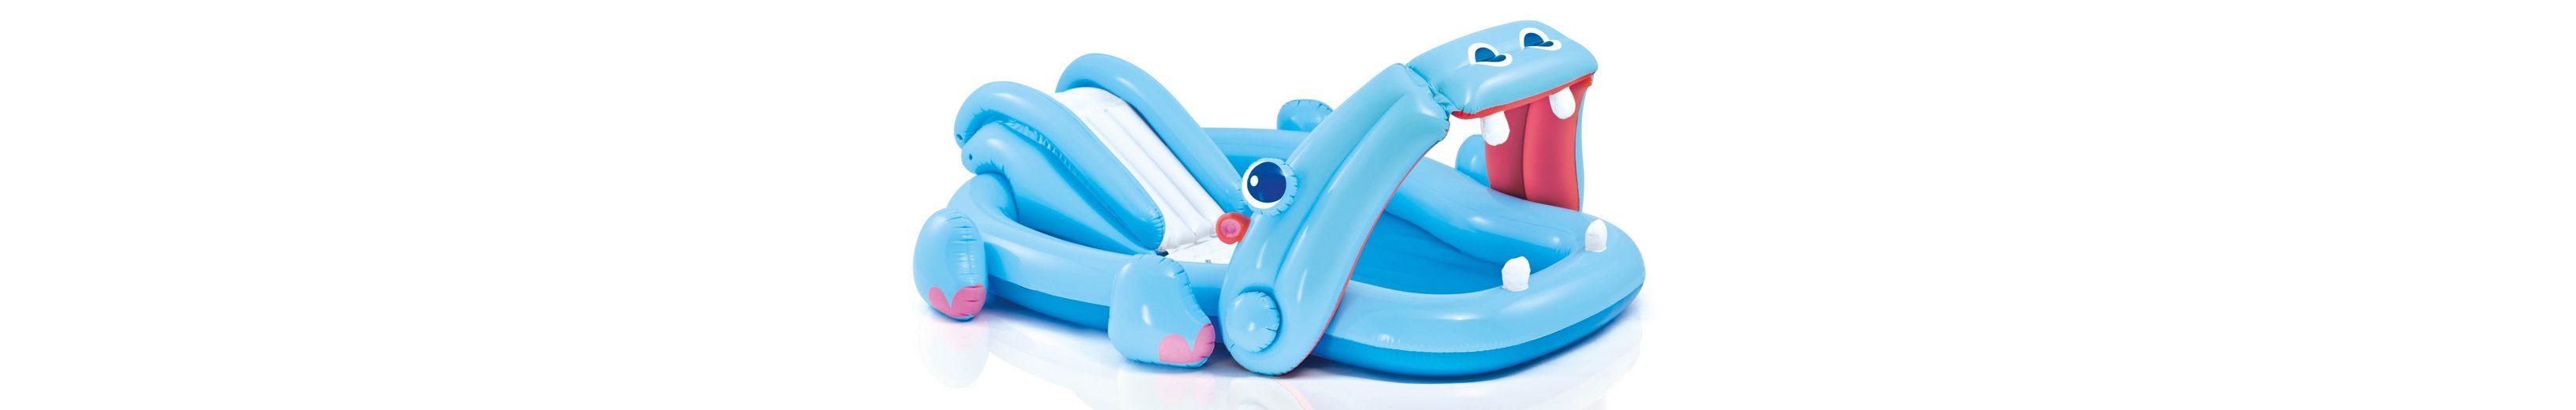 Intex Kinder Pool und Spielcenter, »Hippo«